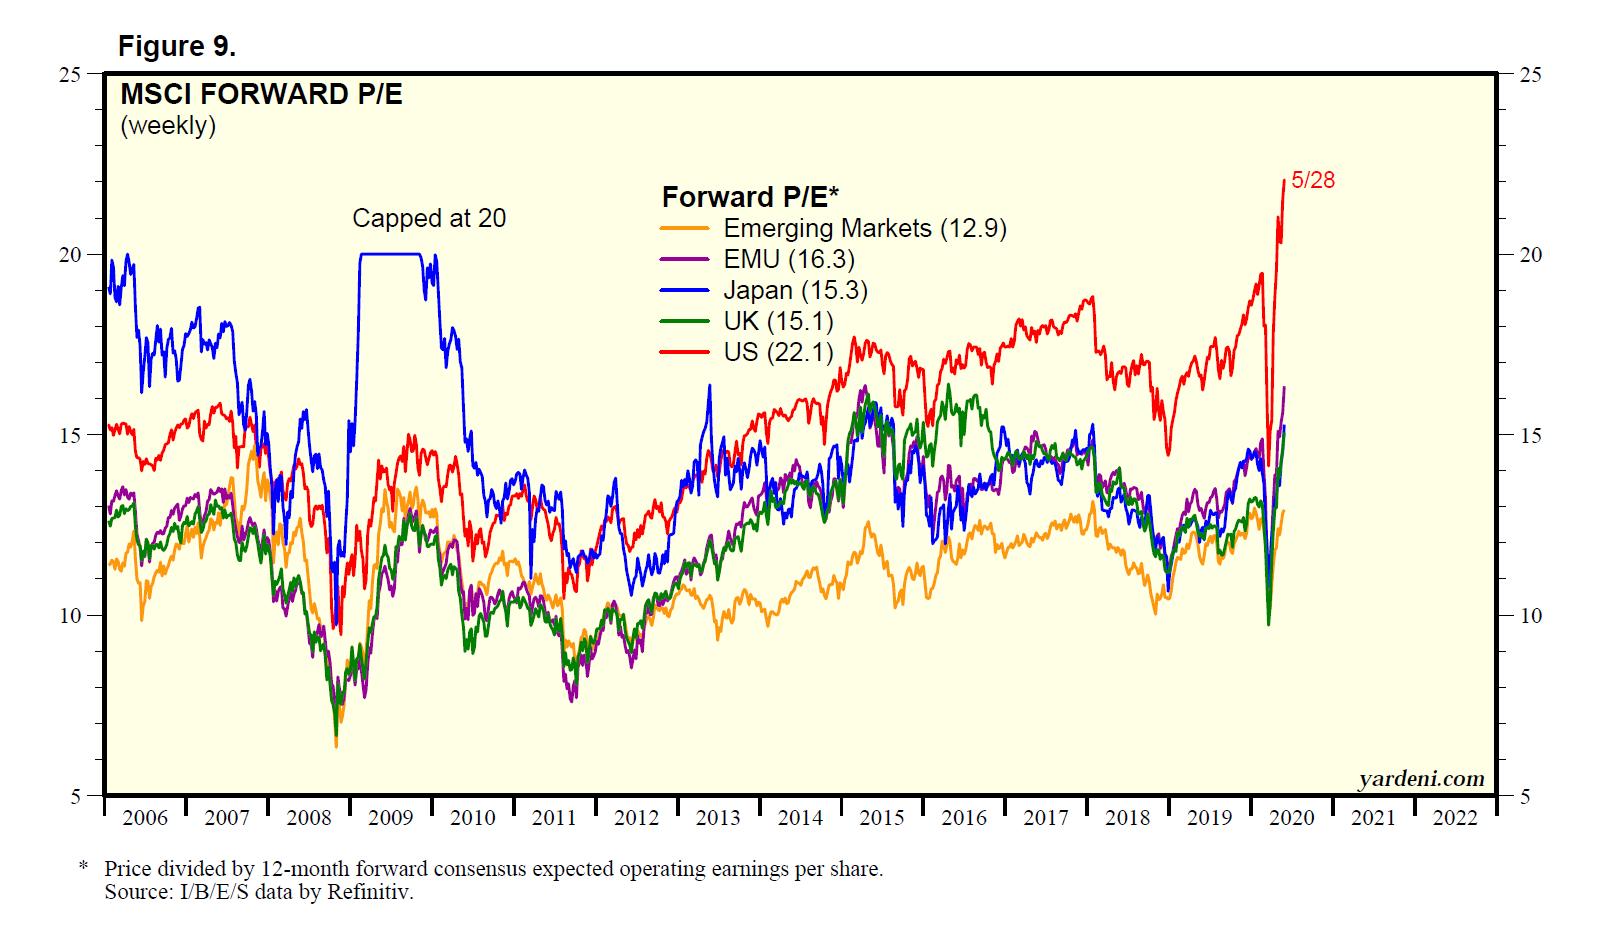 MSCI Major Index Forward P/E Ratios